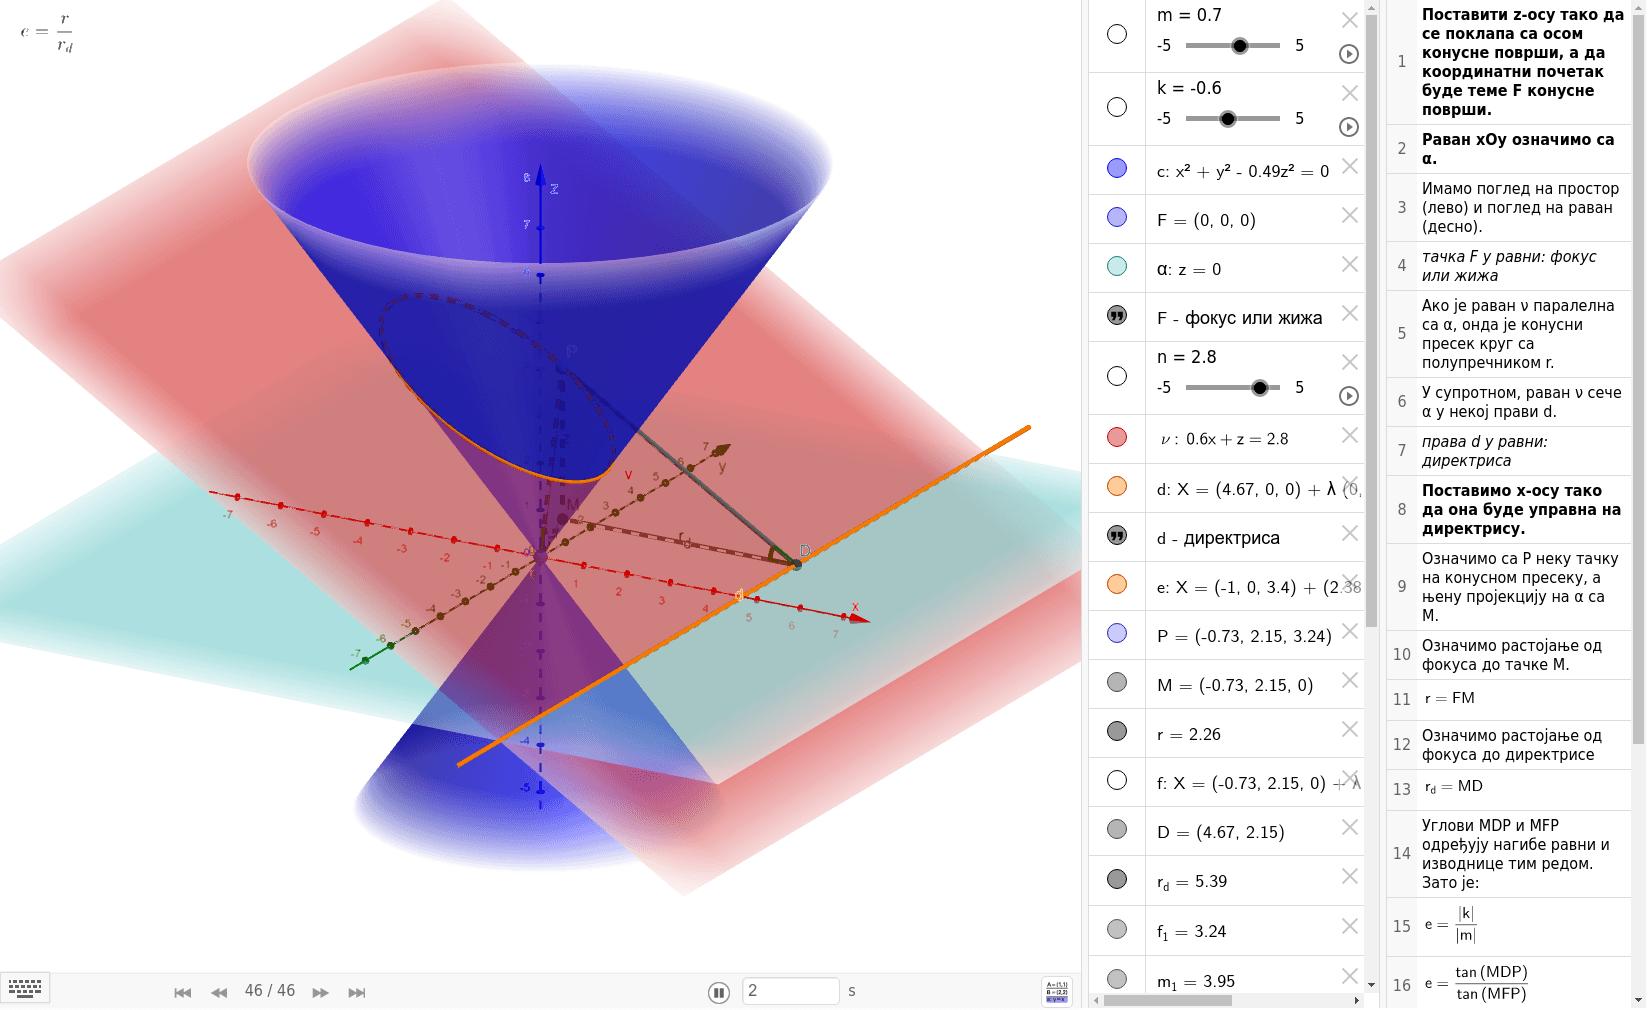 Пројектовање конусног пресека на раван и једначина преко радијус-вектора